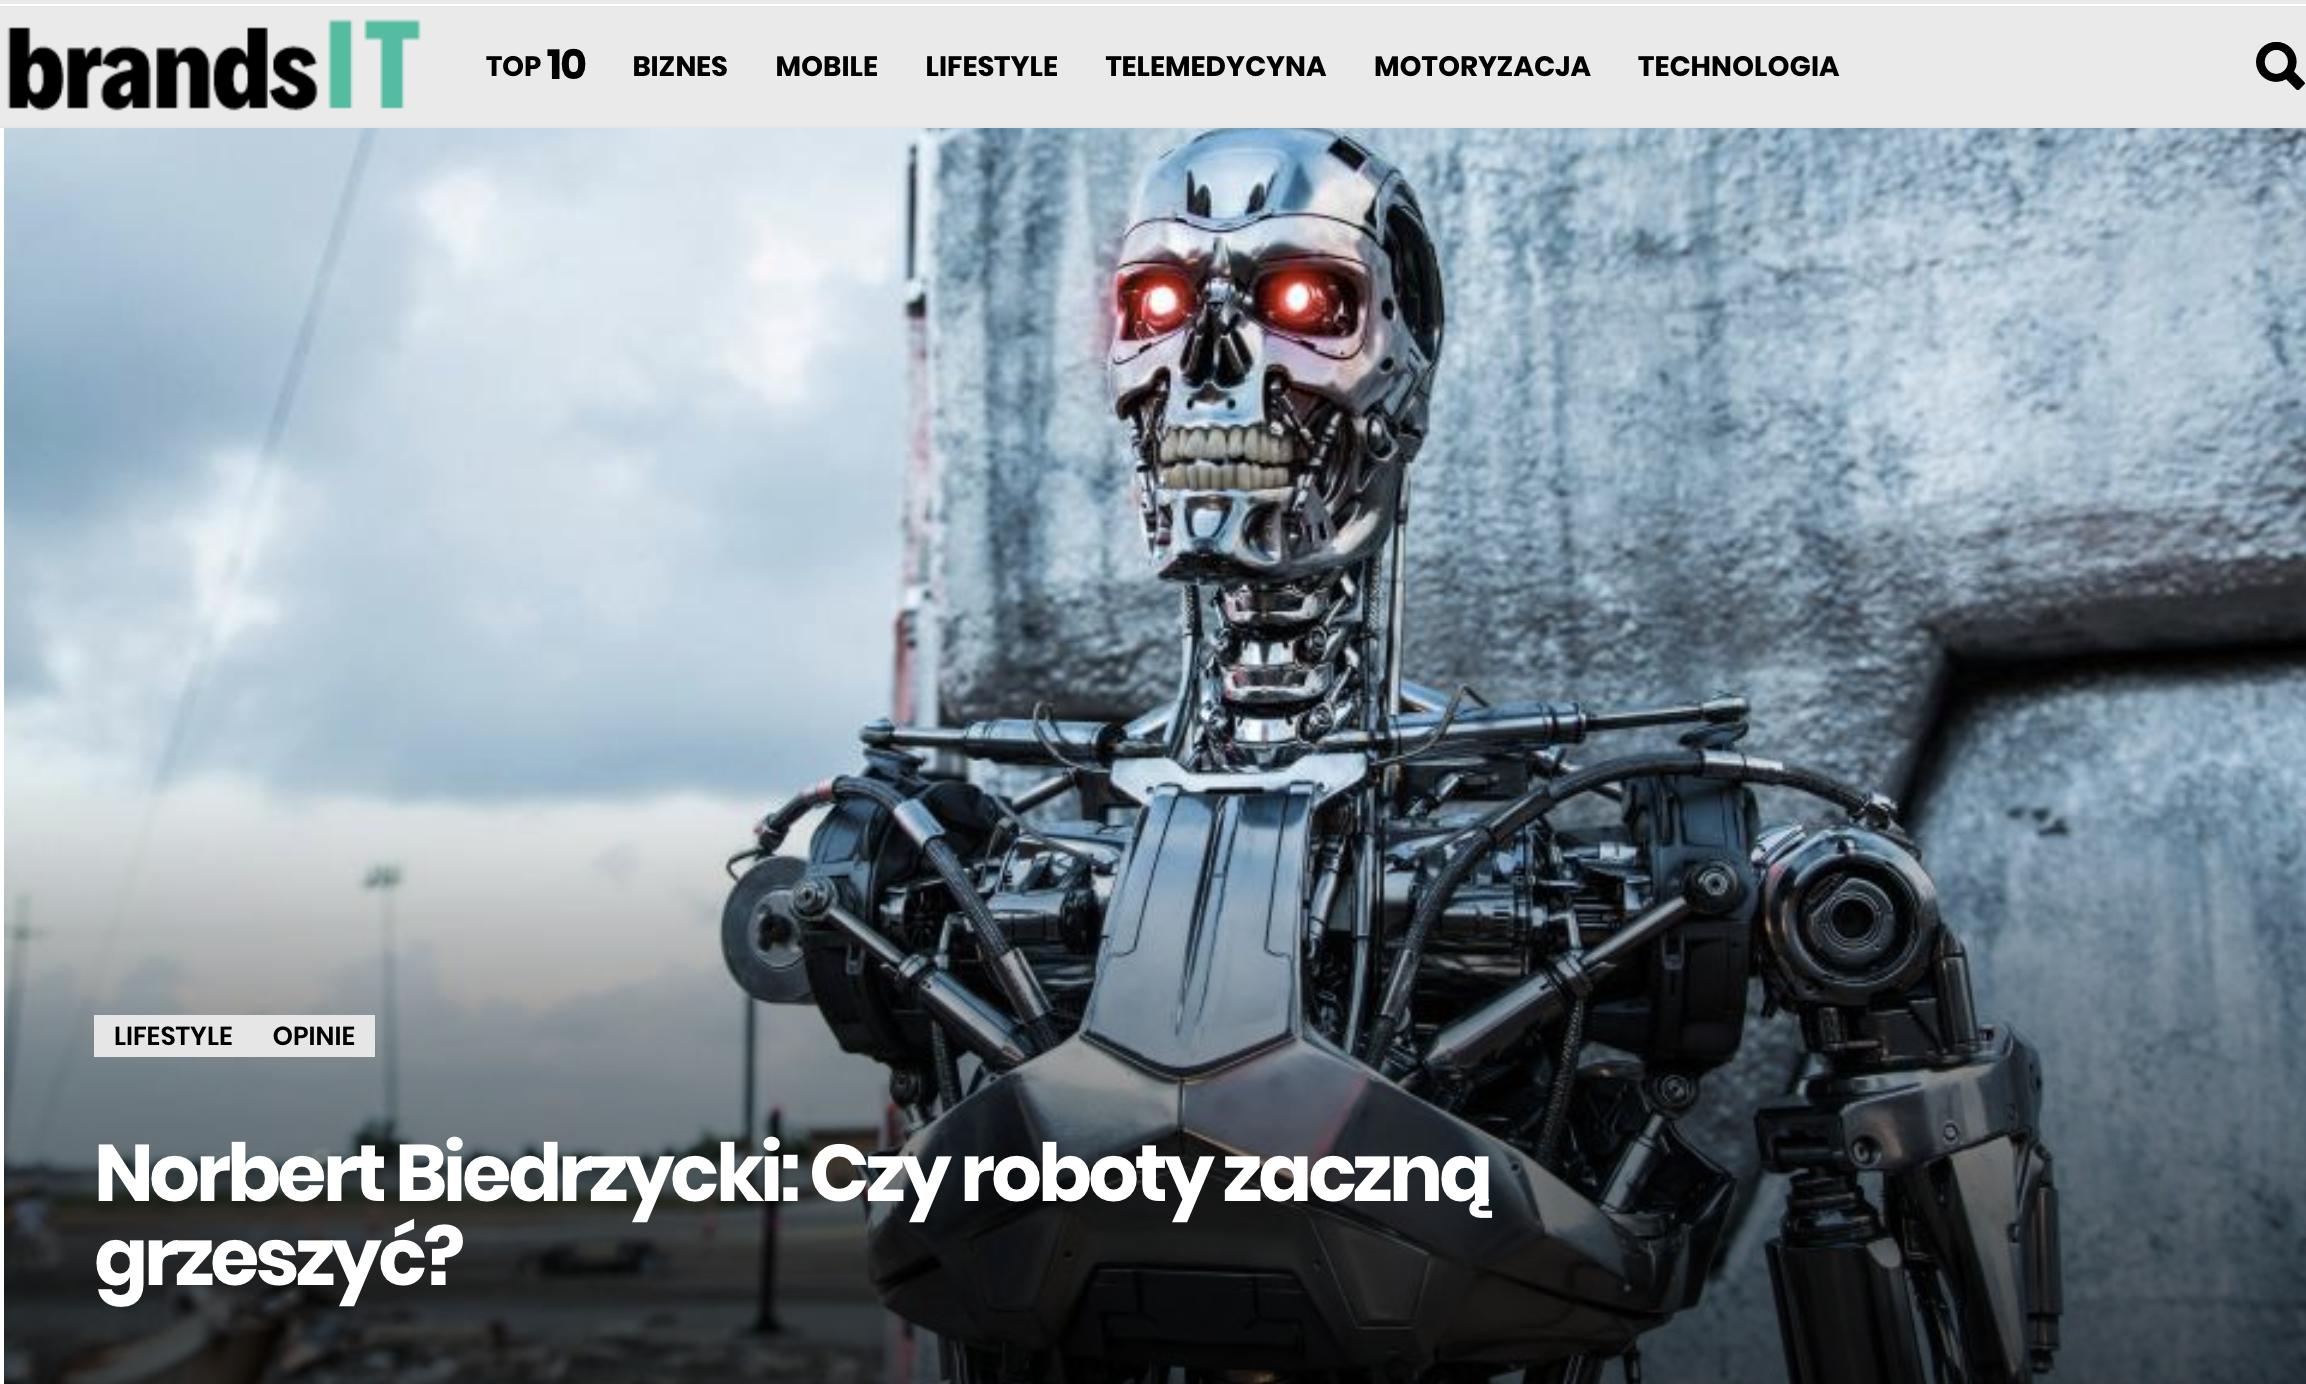 BrandsIT - Czy roboty zmienia swiat Norbert Biedrzycki